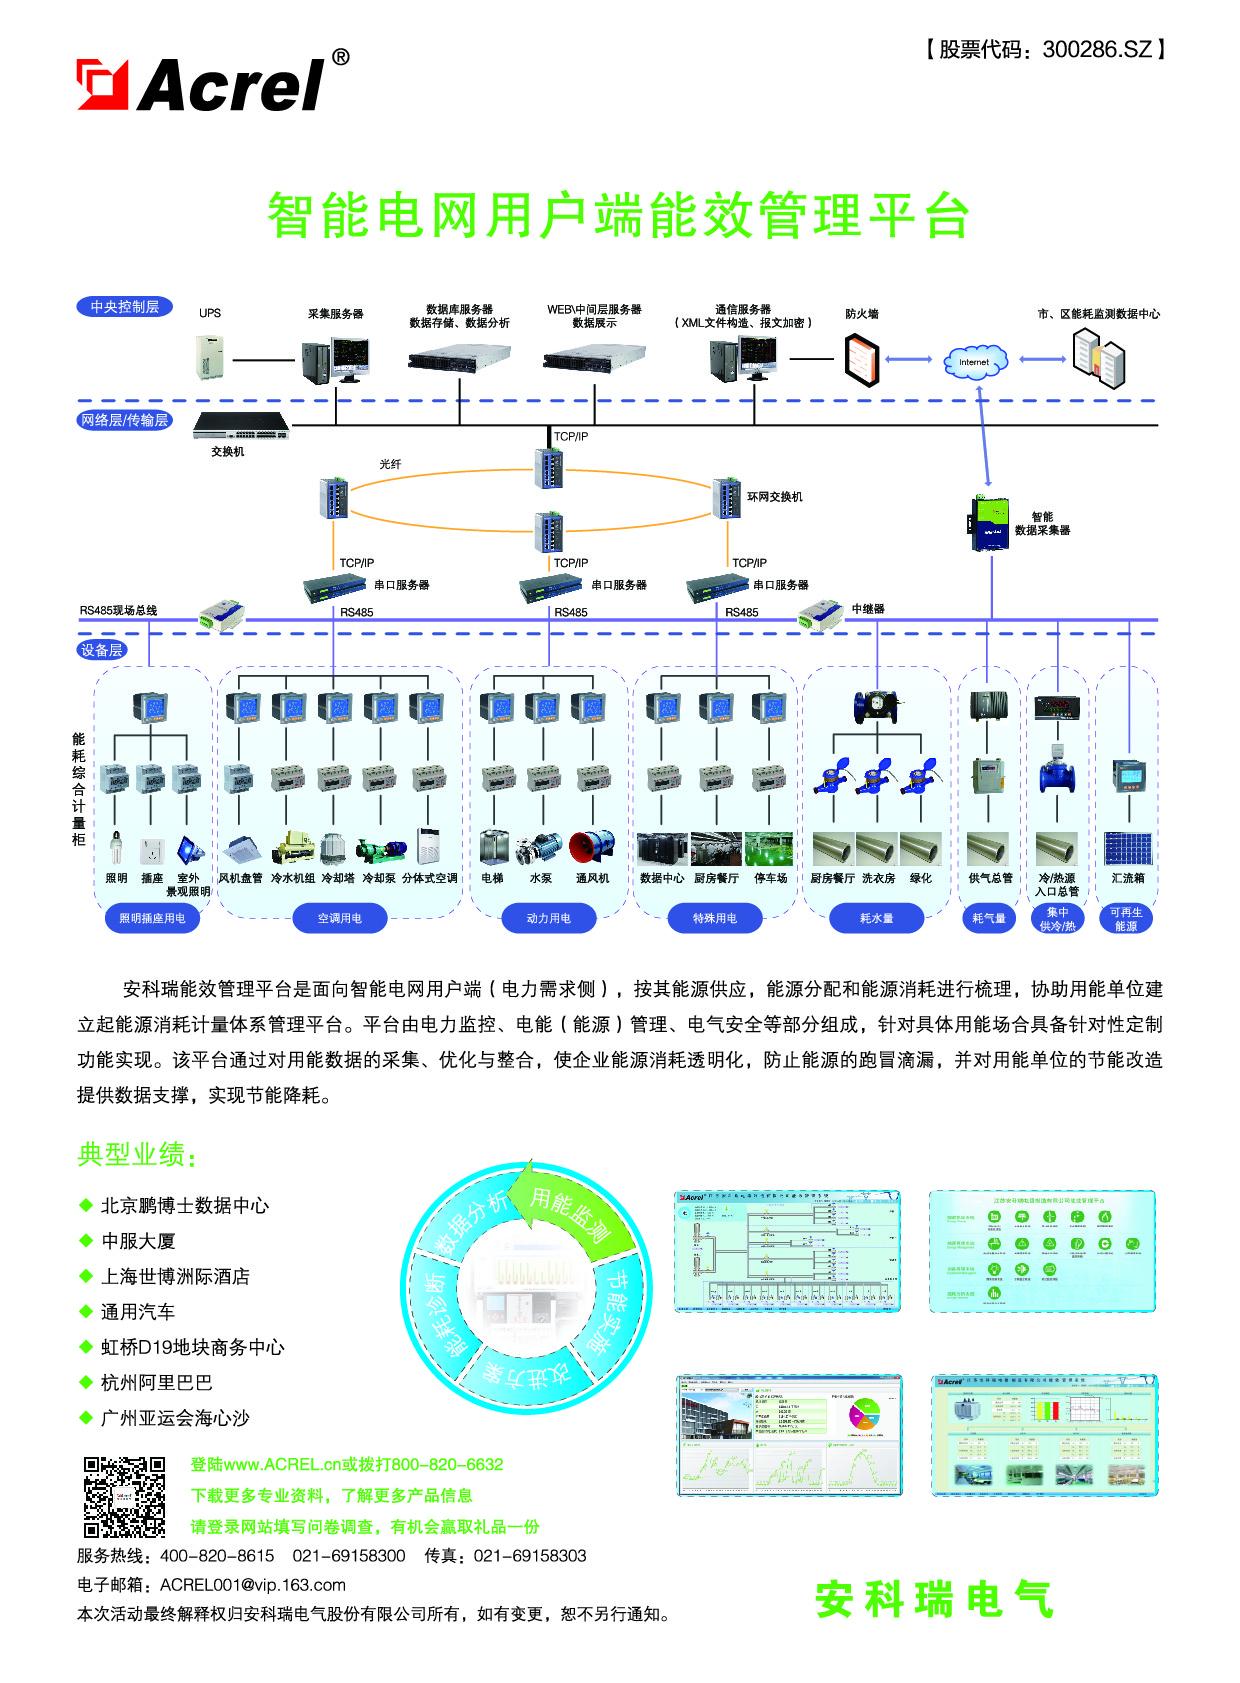 远程预付费电能管理系统在商业广场中的应用—安科瑞 胡烨